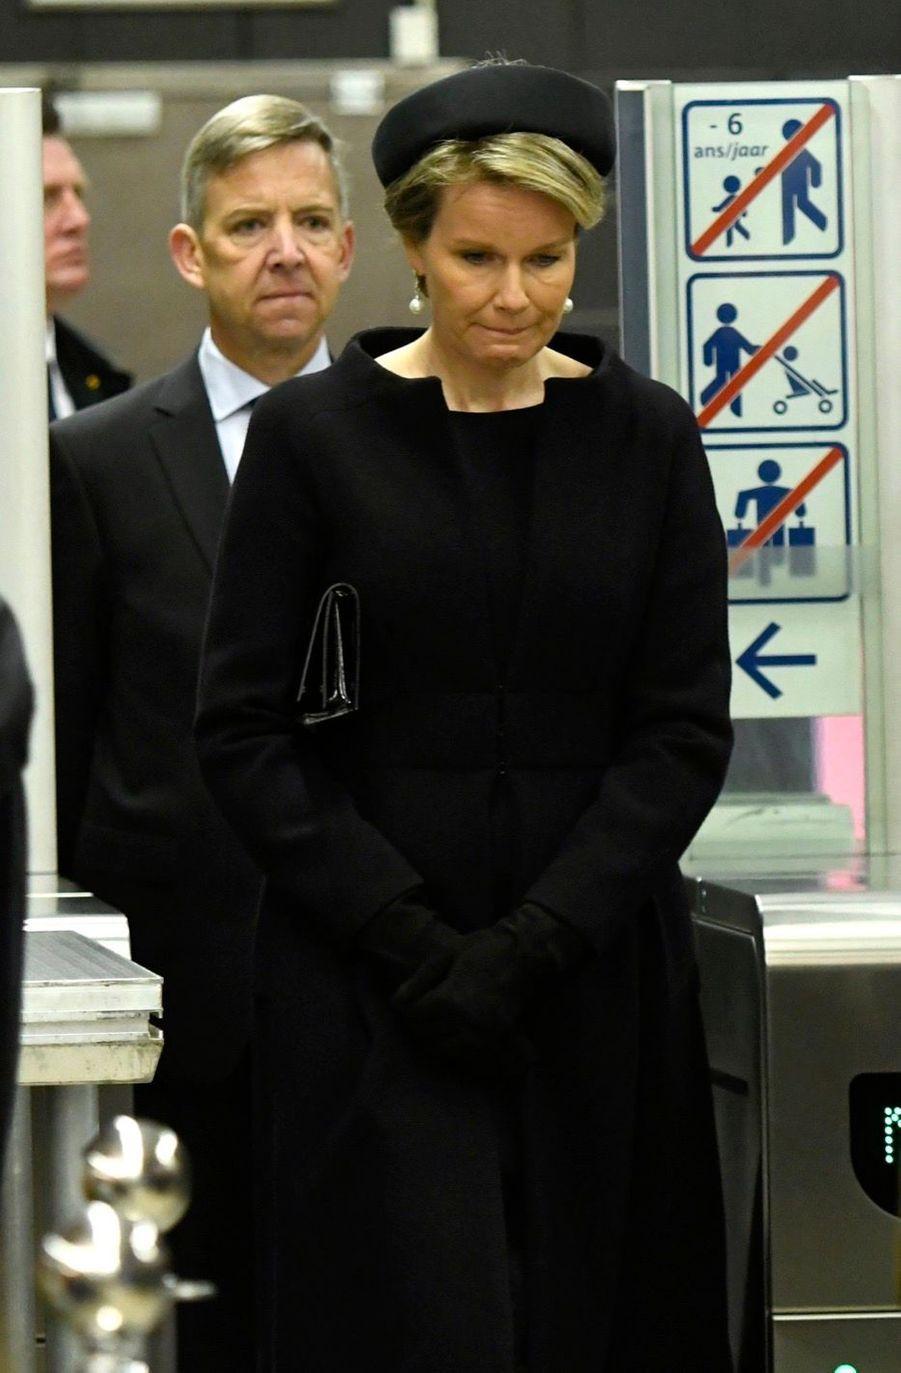 La Reine Mathilde Et Le Roi Des Belges Philippe Rendent Hommages Aux Victimes Des Attentats Du 22 Mars 2016 À Bruxelles 24